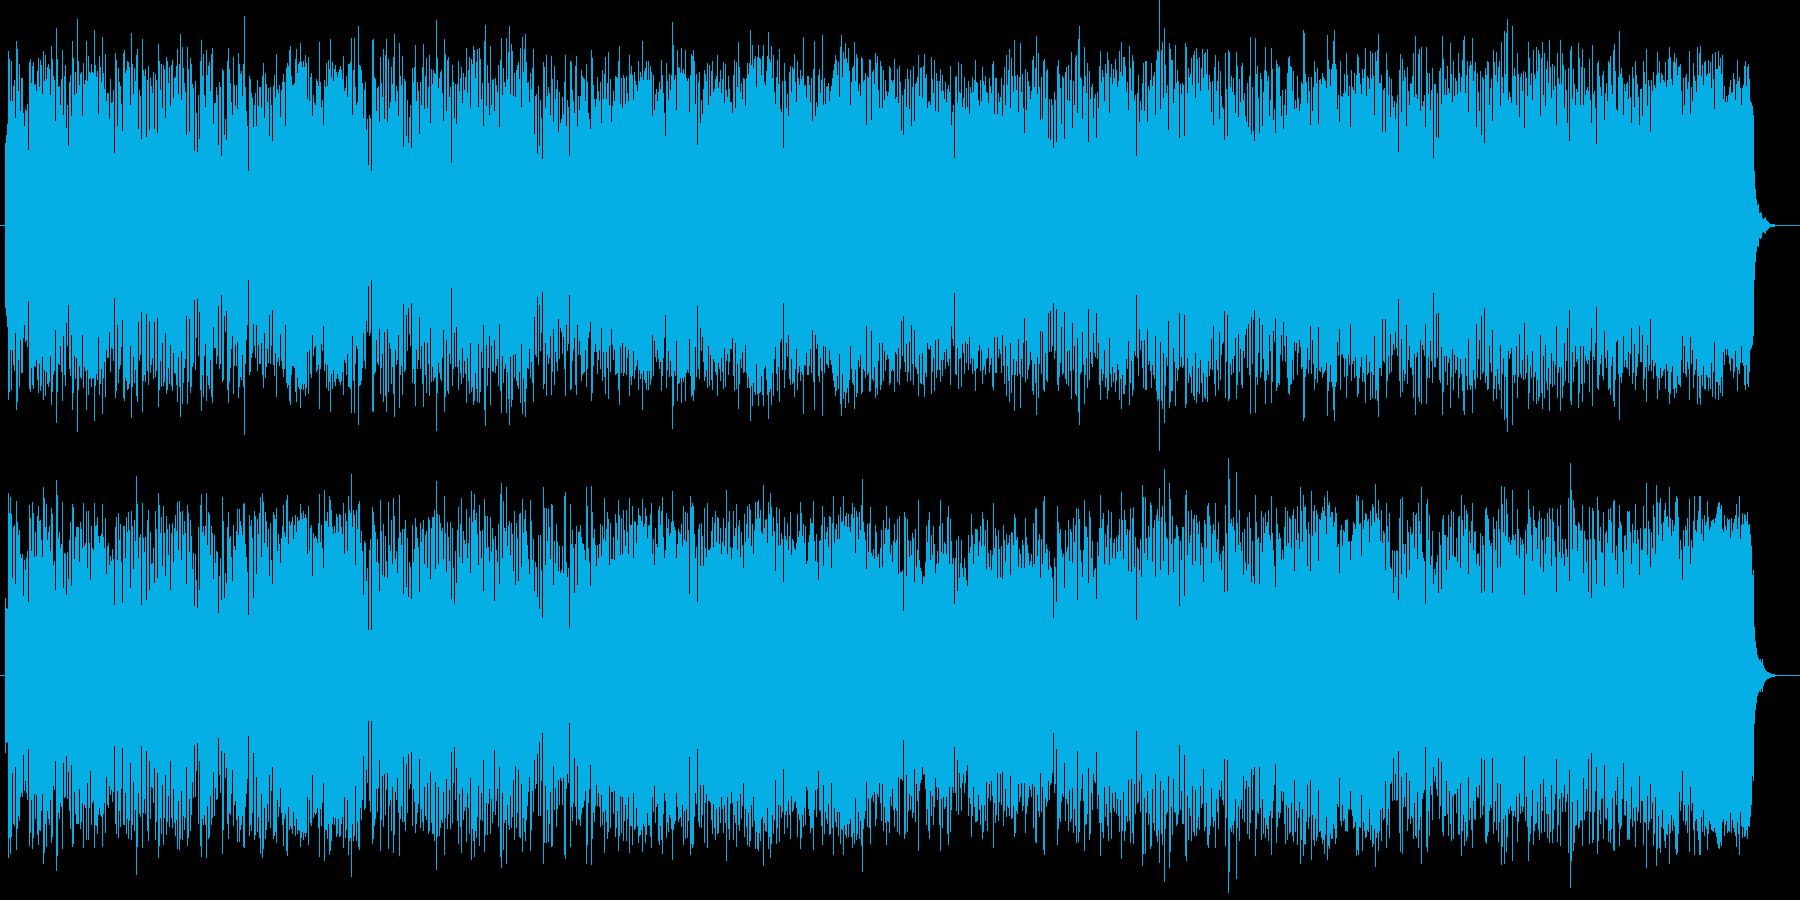 なにかの始まりを予感させるメロディーの再生済みの波形